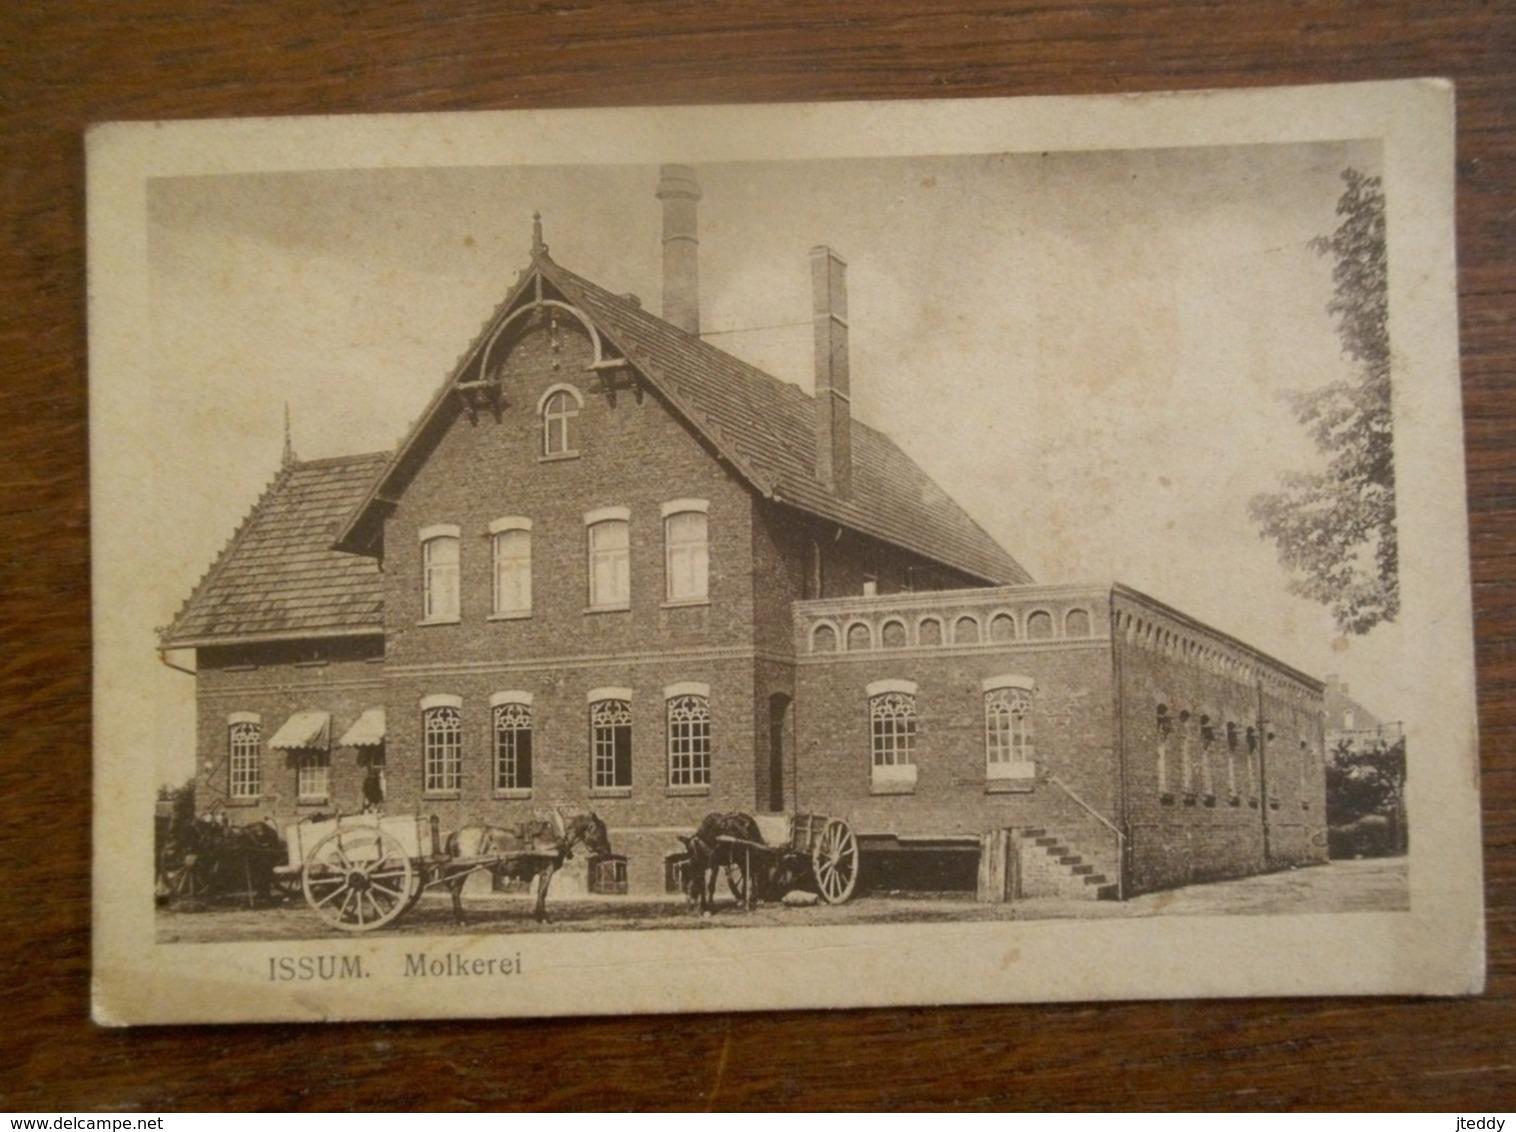 Oude Postkaart  1919 Duitsland   Molkerei  ISSUM - Allemagne